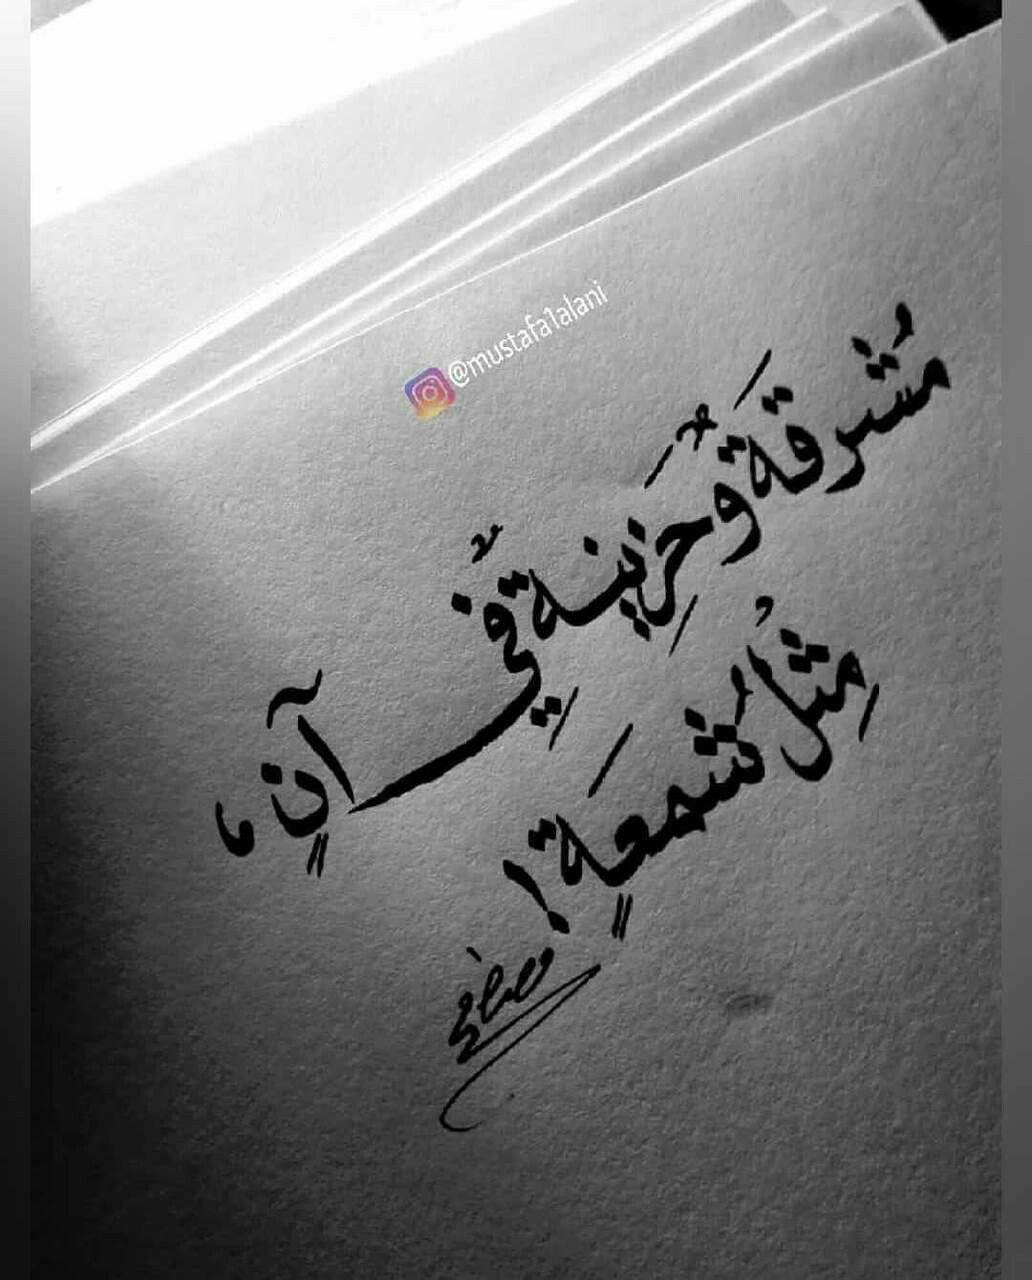 كلمات عبارات كلمة كتب كتابات Love Words Arabic Poetry Quotes